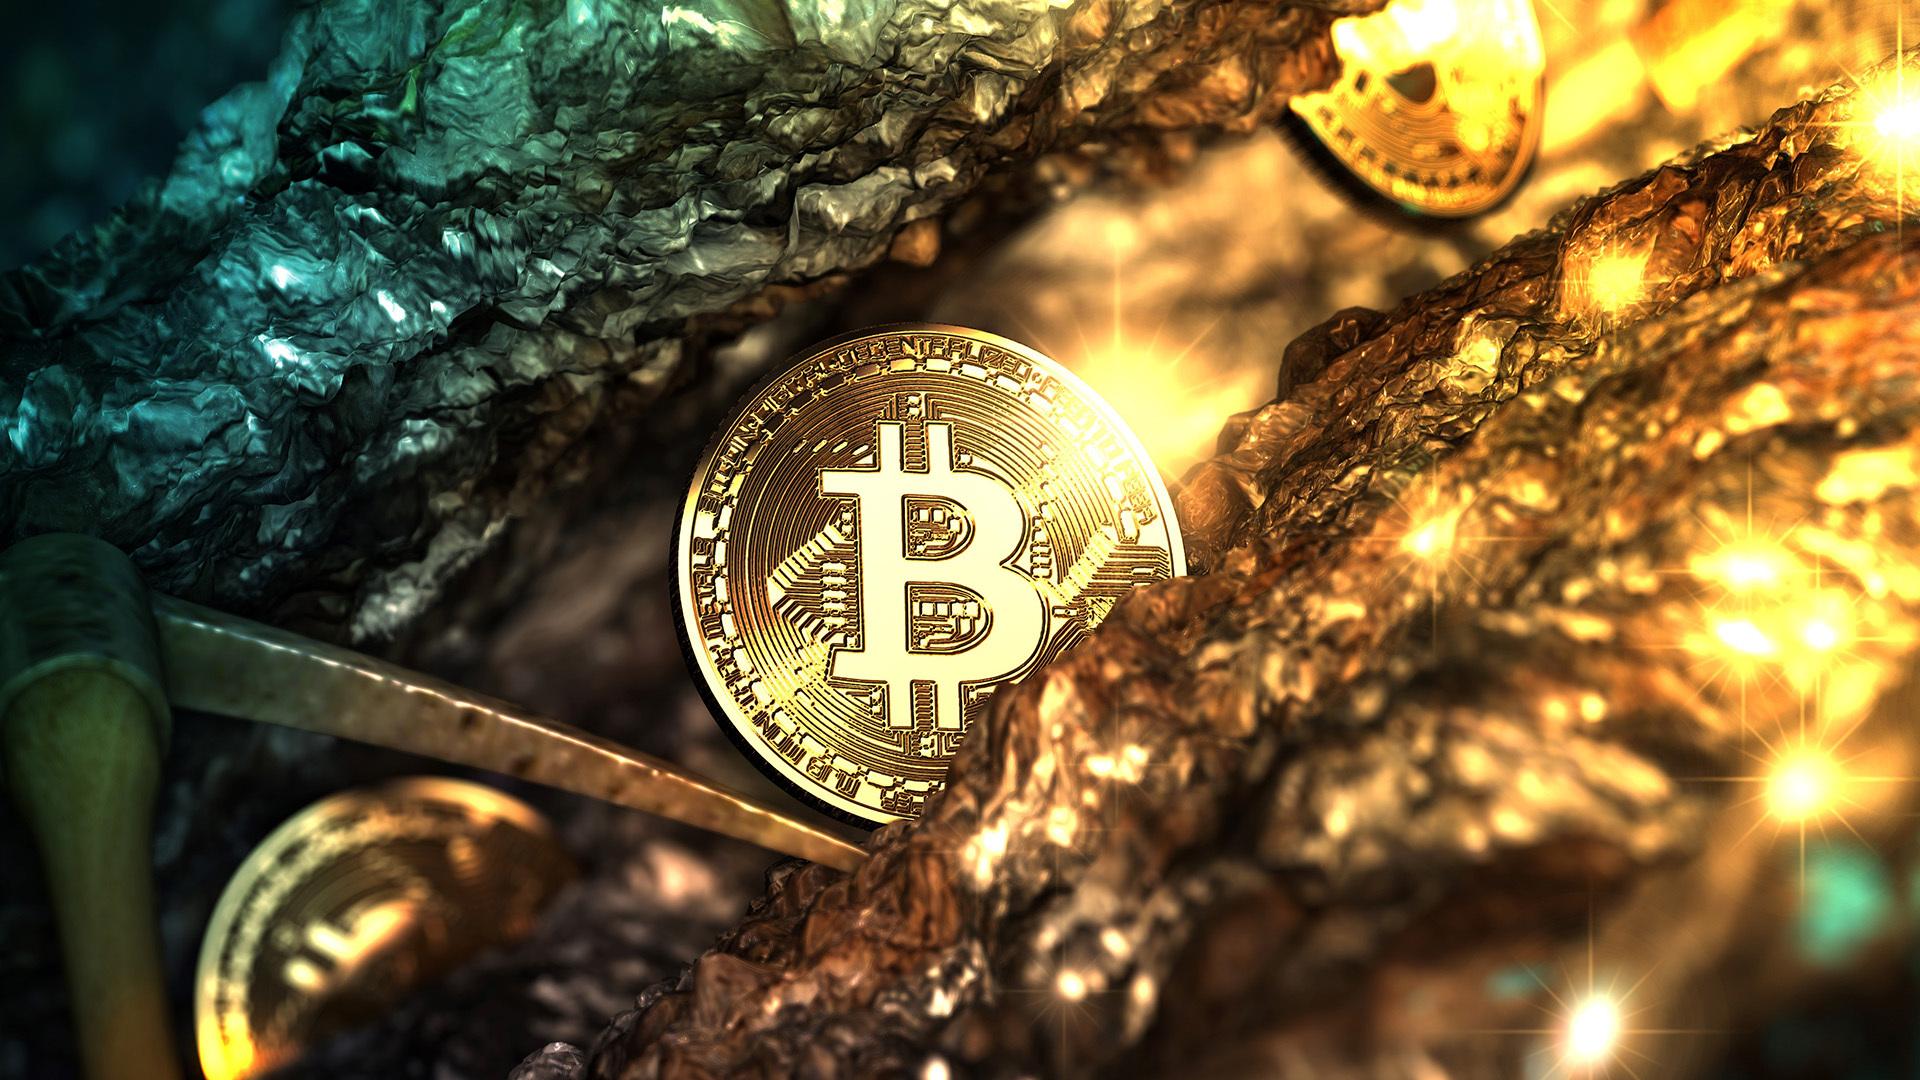 bitcoin és bitcoin arány mekkora az esélye a bináris opciókkal való pénzkeresésnek